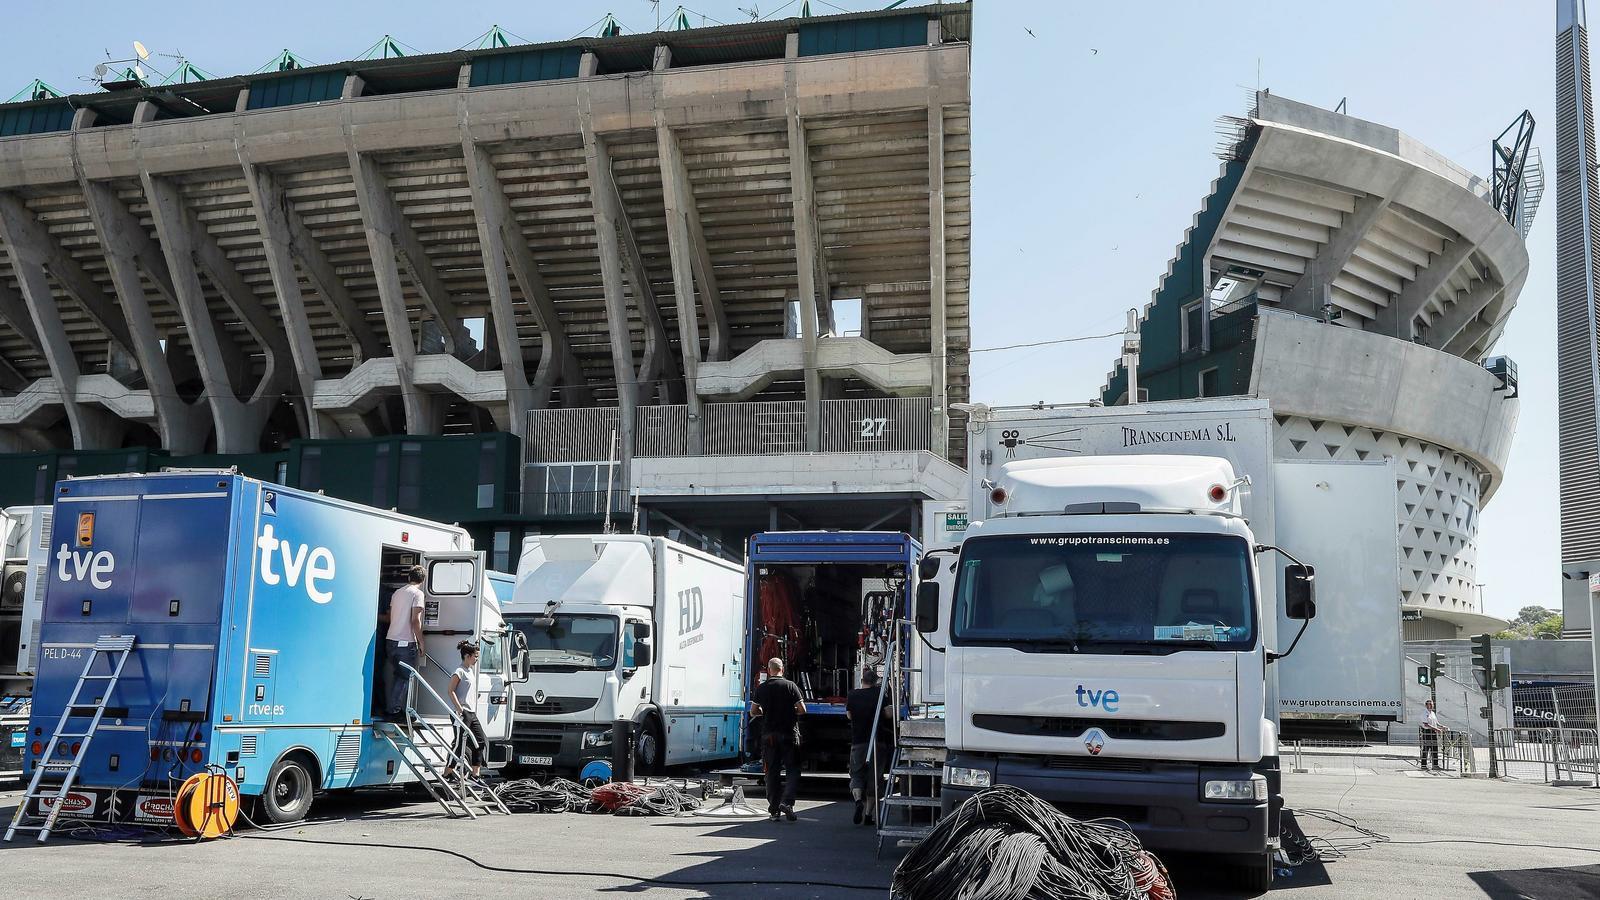 Unitats mòbils de TVE al voltant de l'estadi Benito Villamarín, on demà es disputa la final de Copa